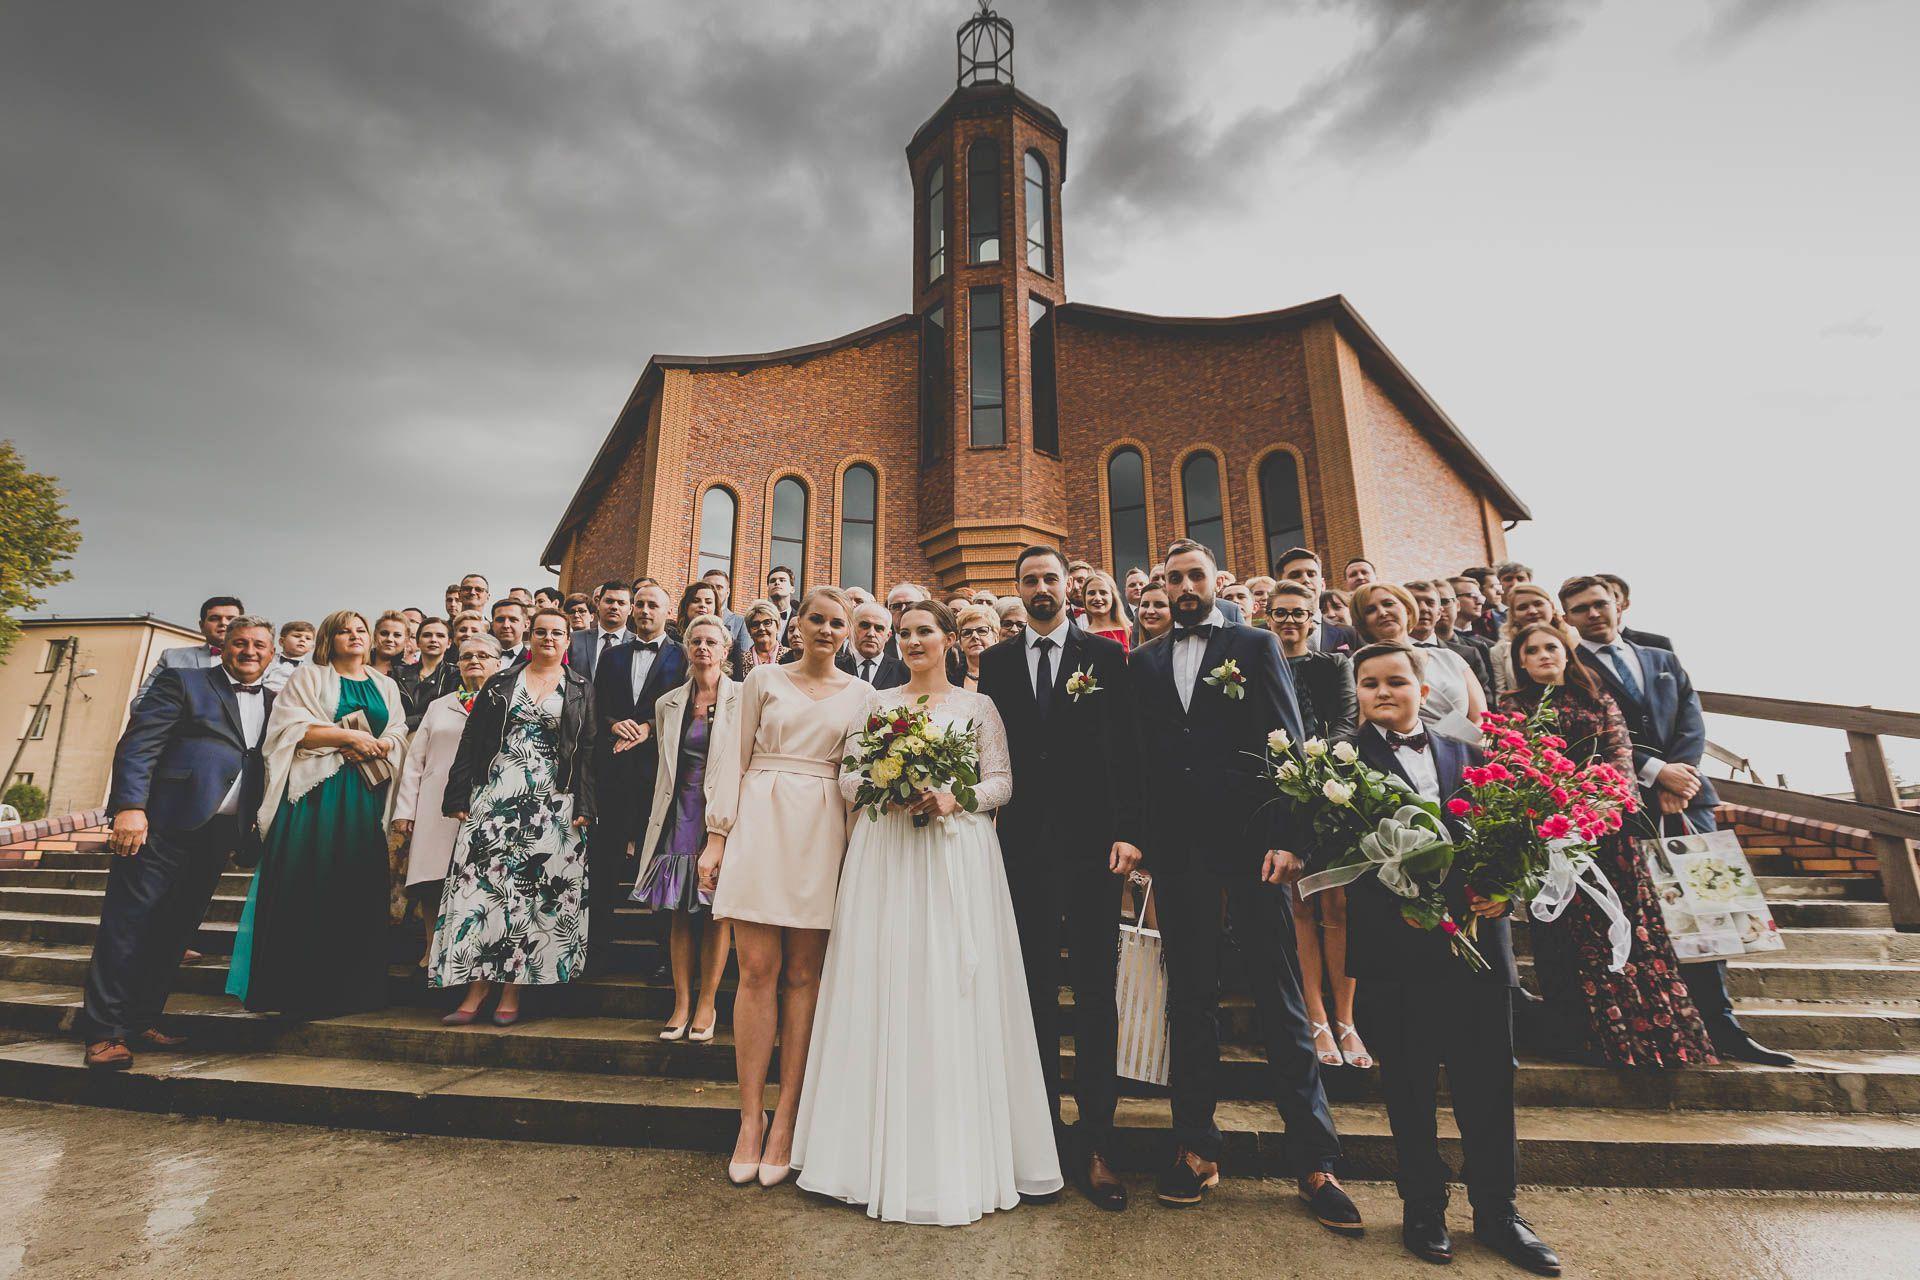 Zdjęcie grupowe -Działoszyn parafia Bł. Michała Kozala